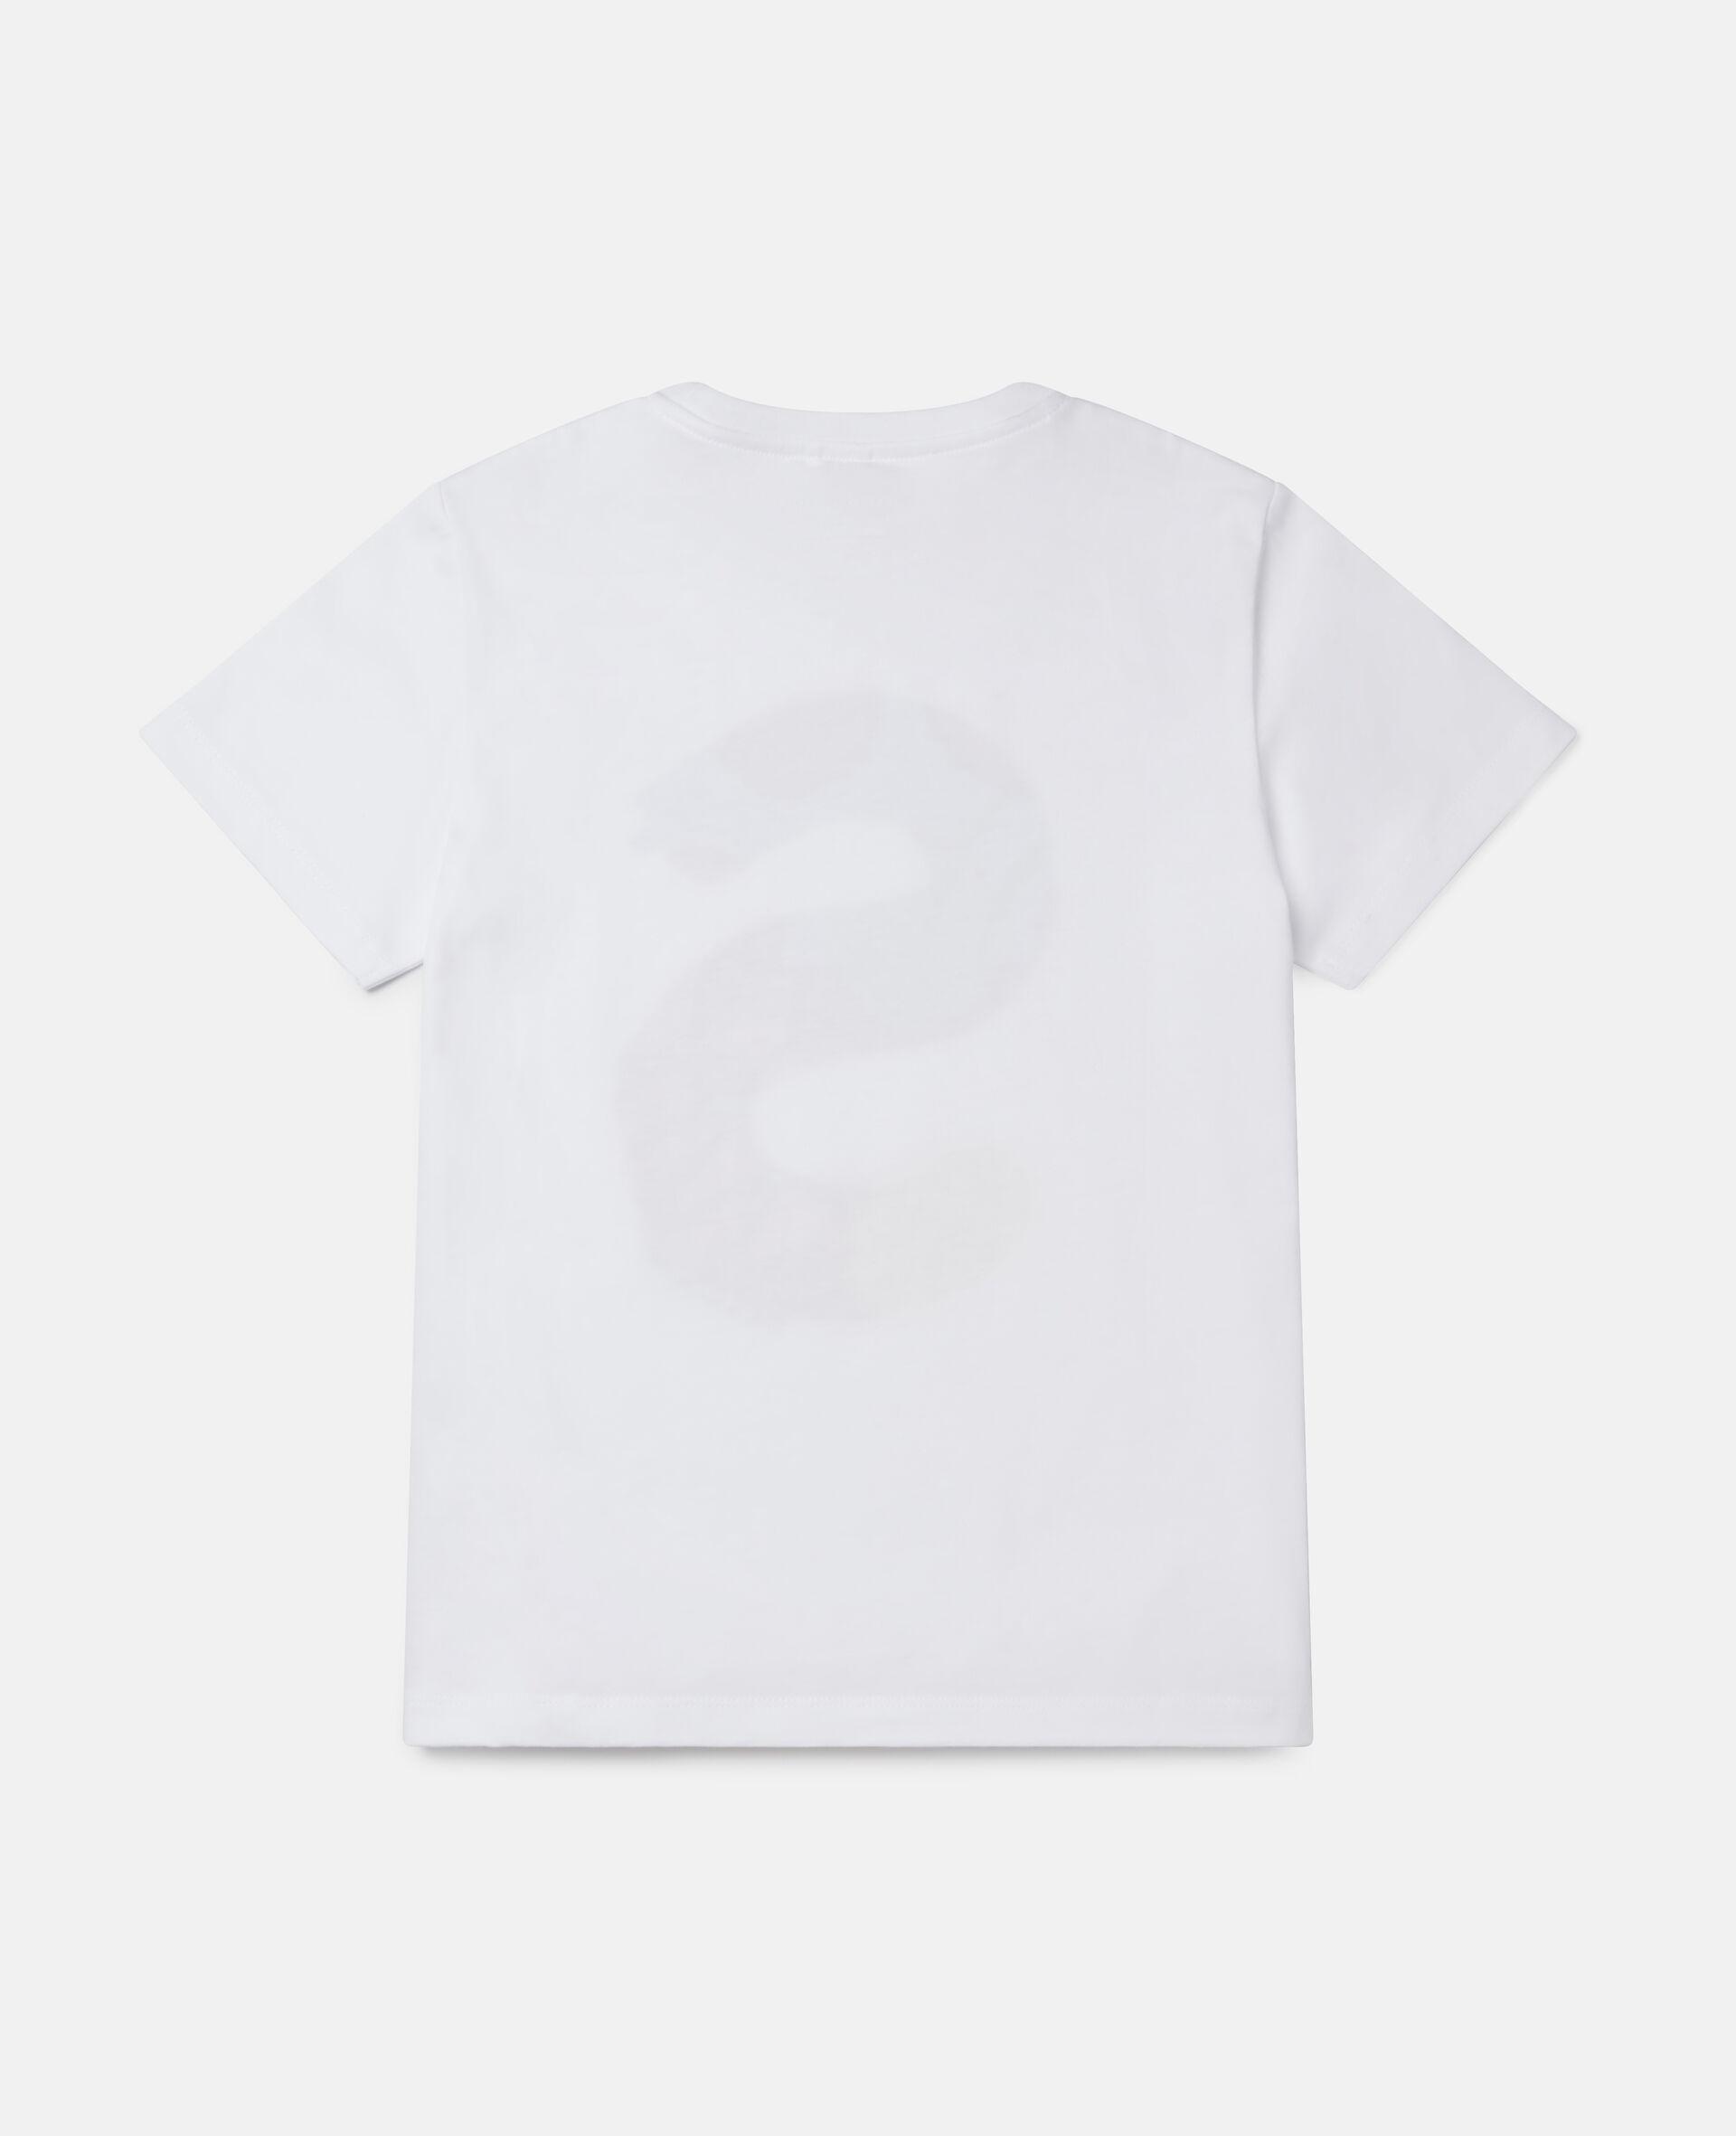 T-Shirt aus Baumwolle mit Malerei-Logo -Weiß-large image number 3